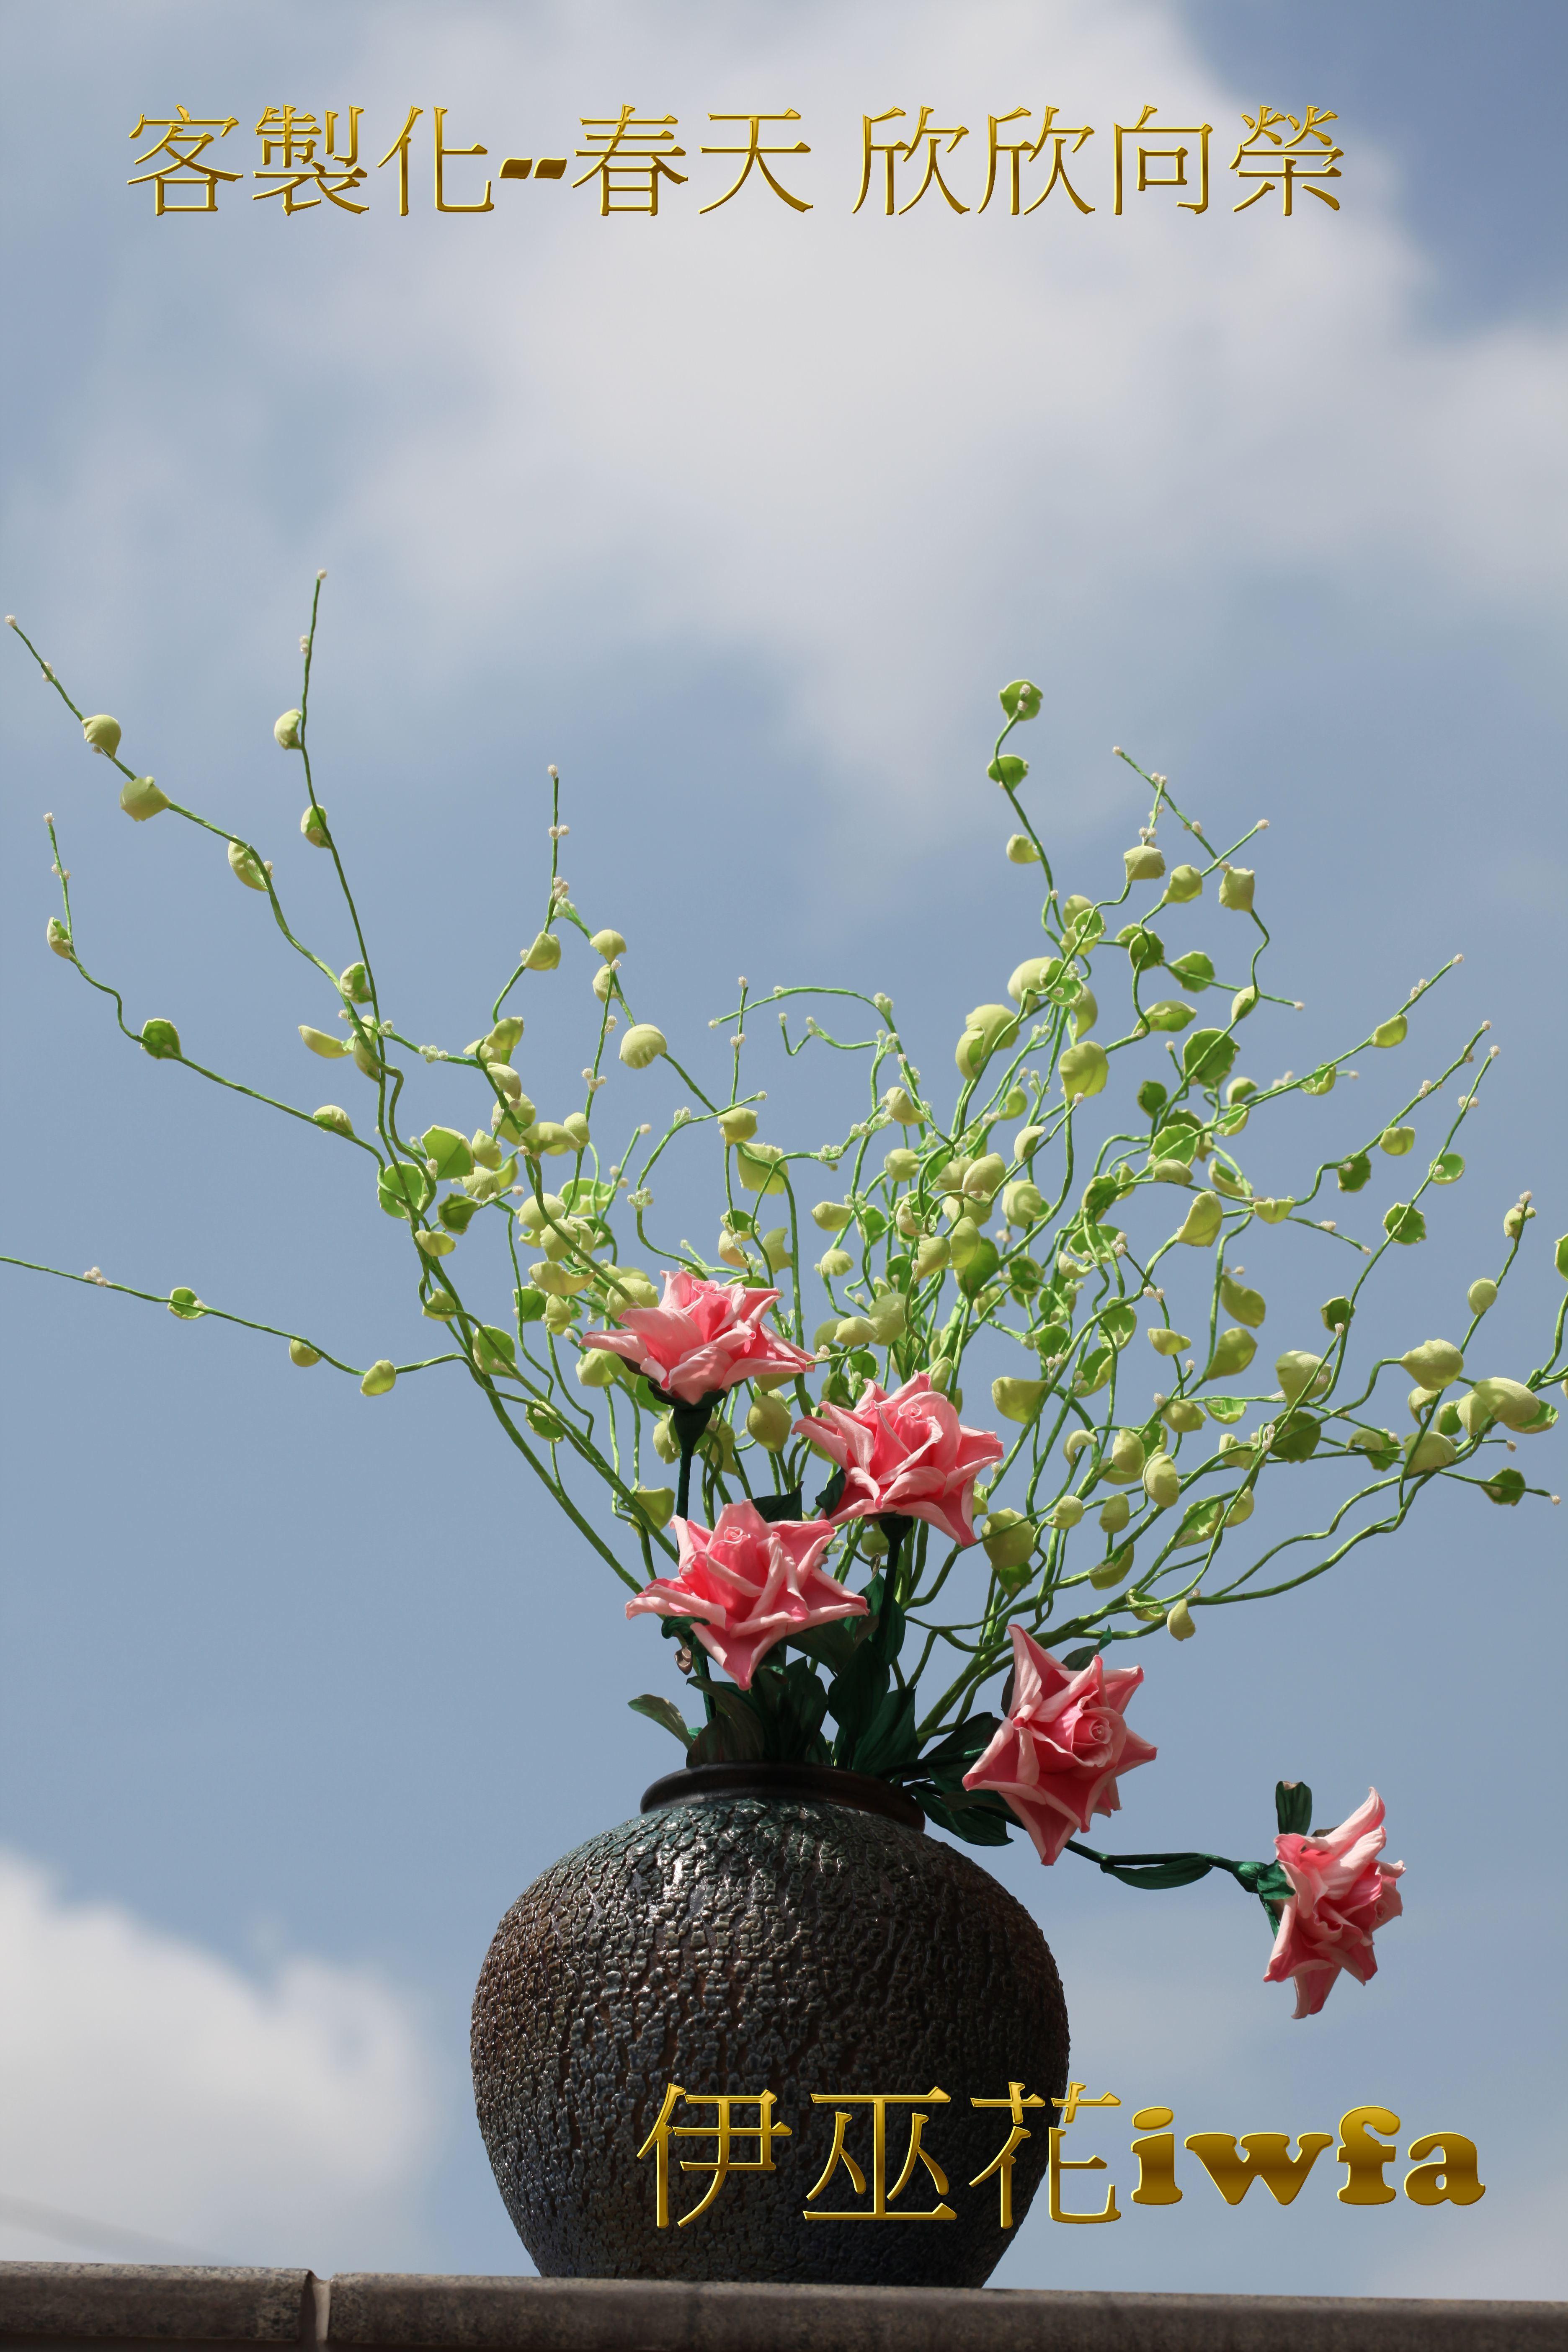 客製化--春天 欣欣向榮